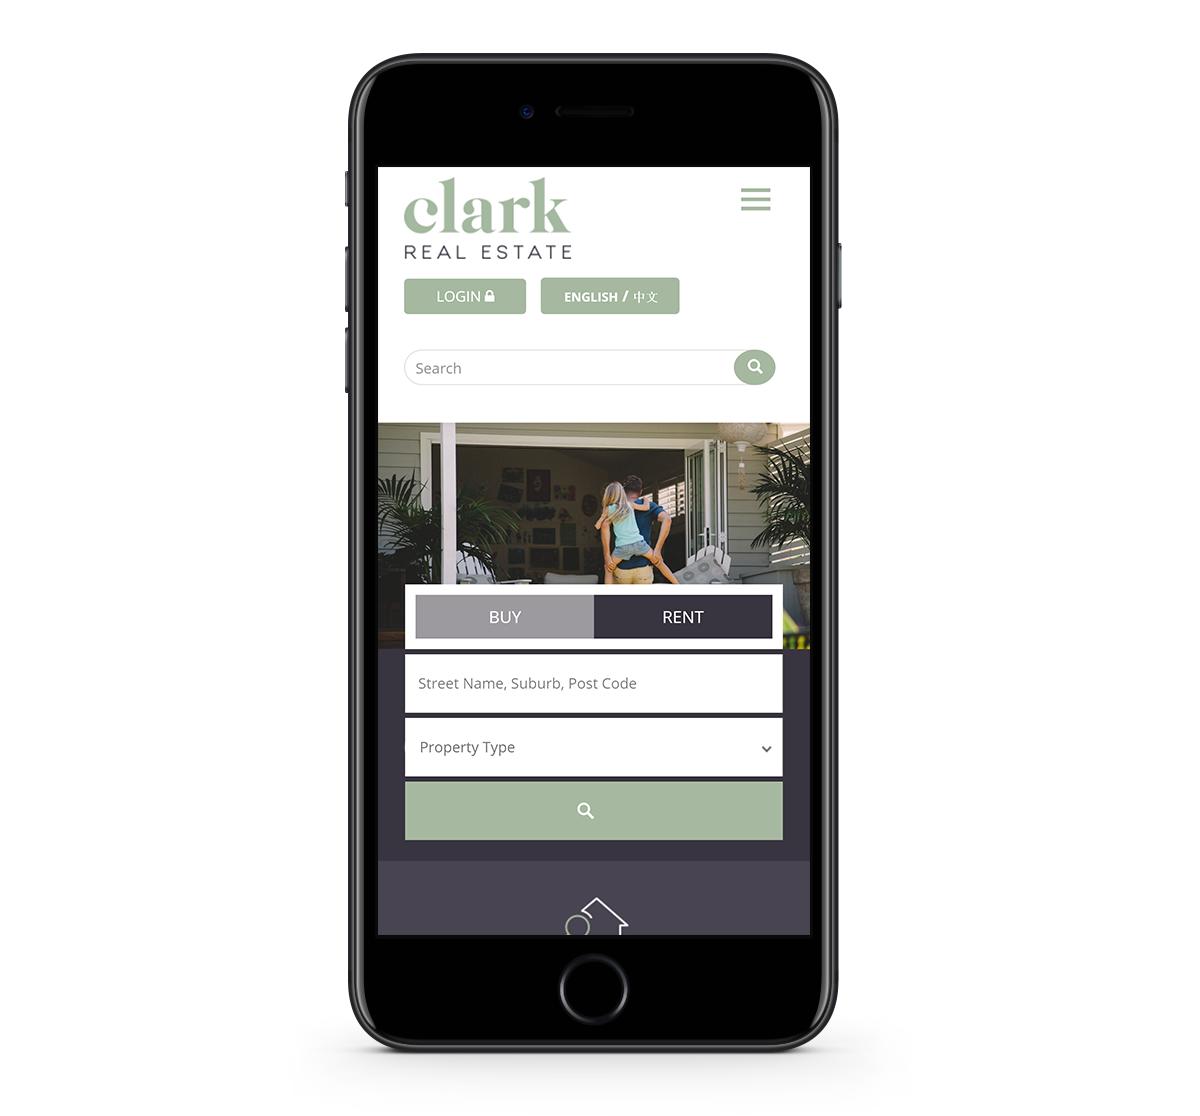 clark_redesign_iphone